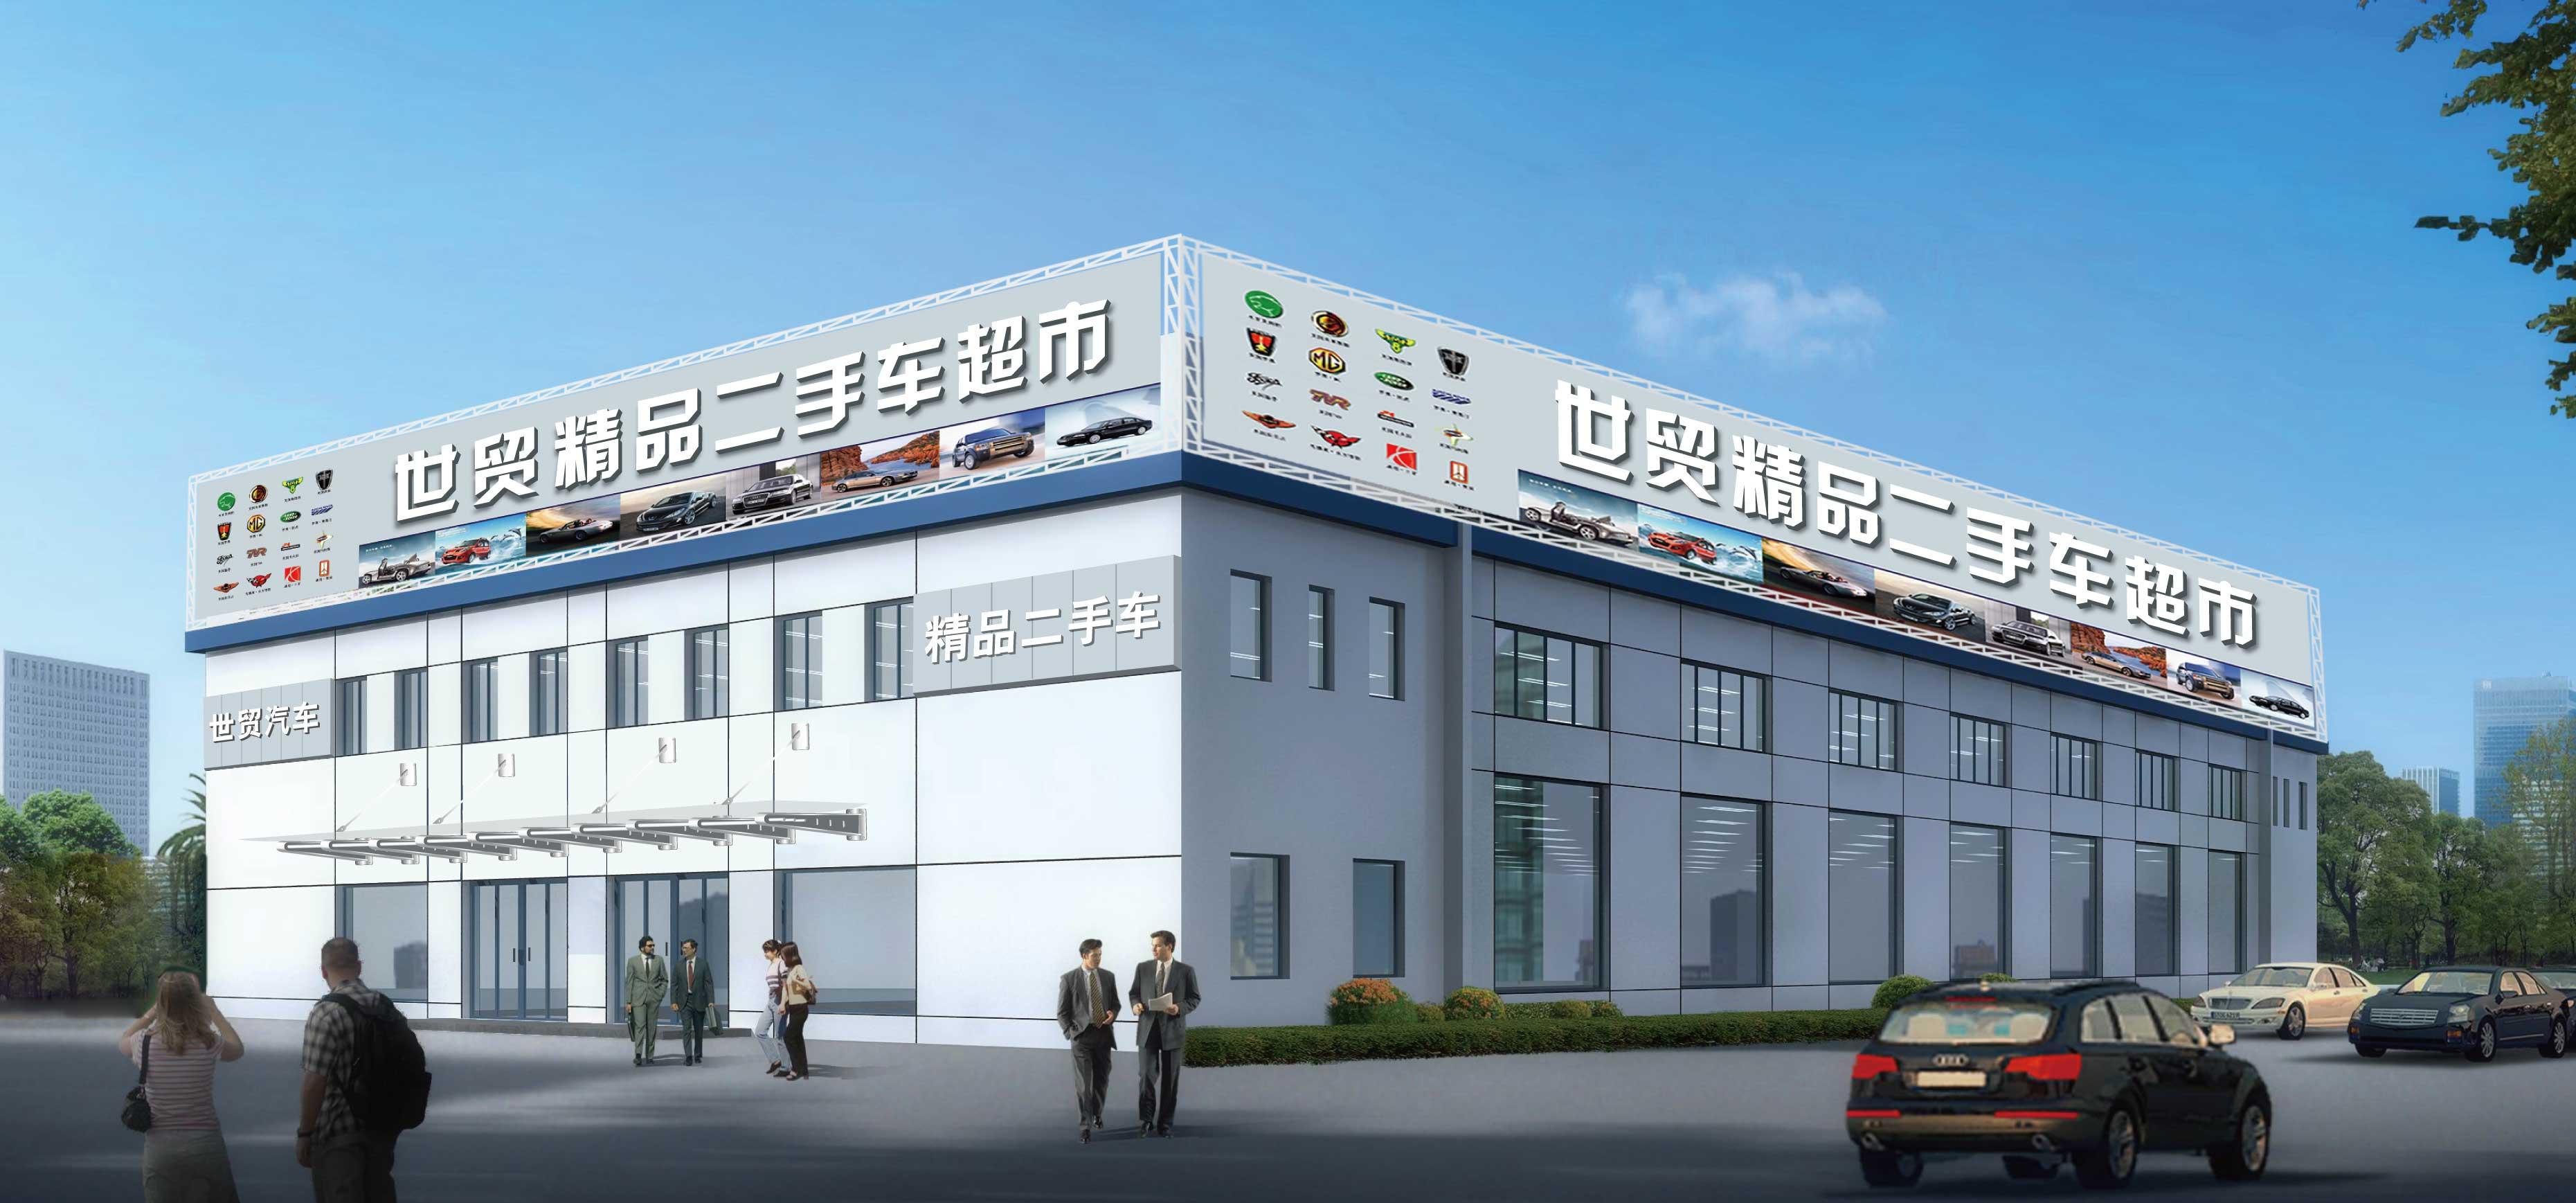 上海世贸二手车经营有限公司网店高清图片